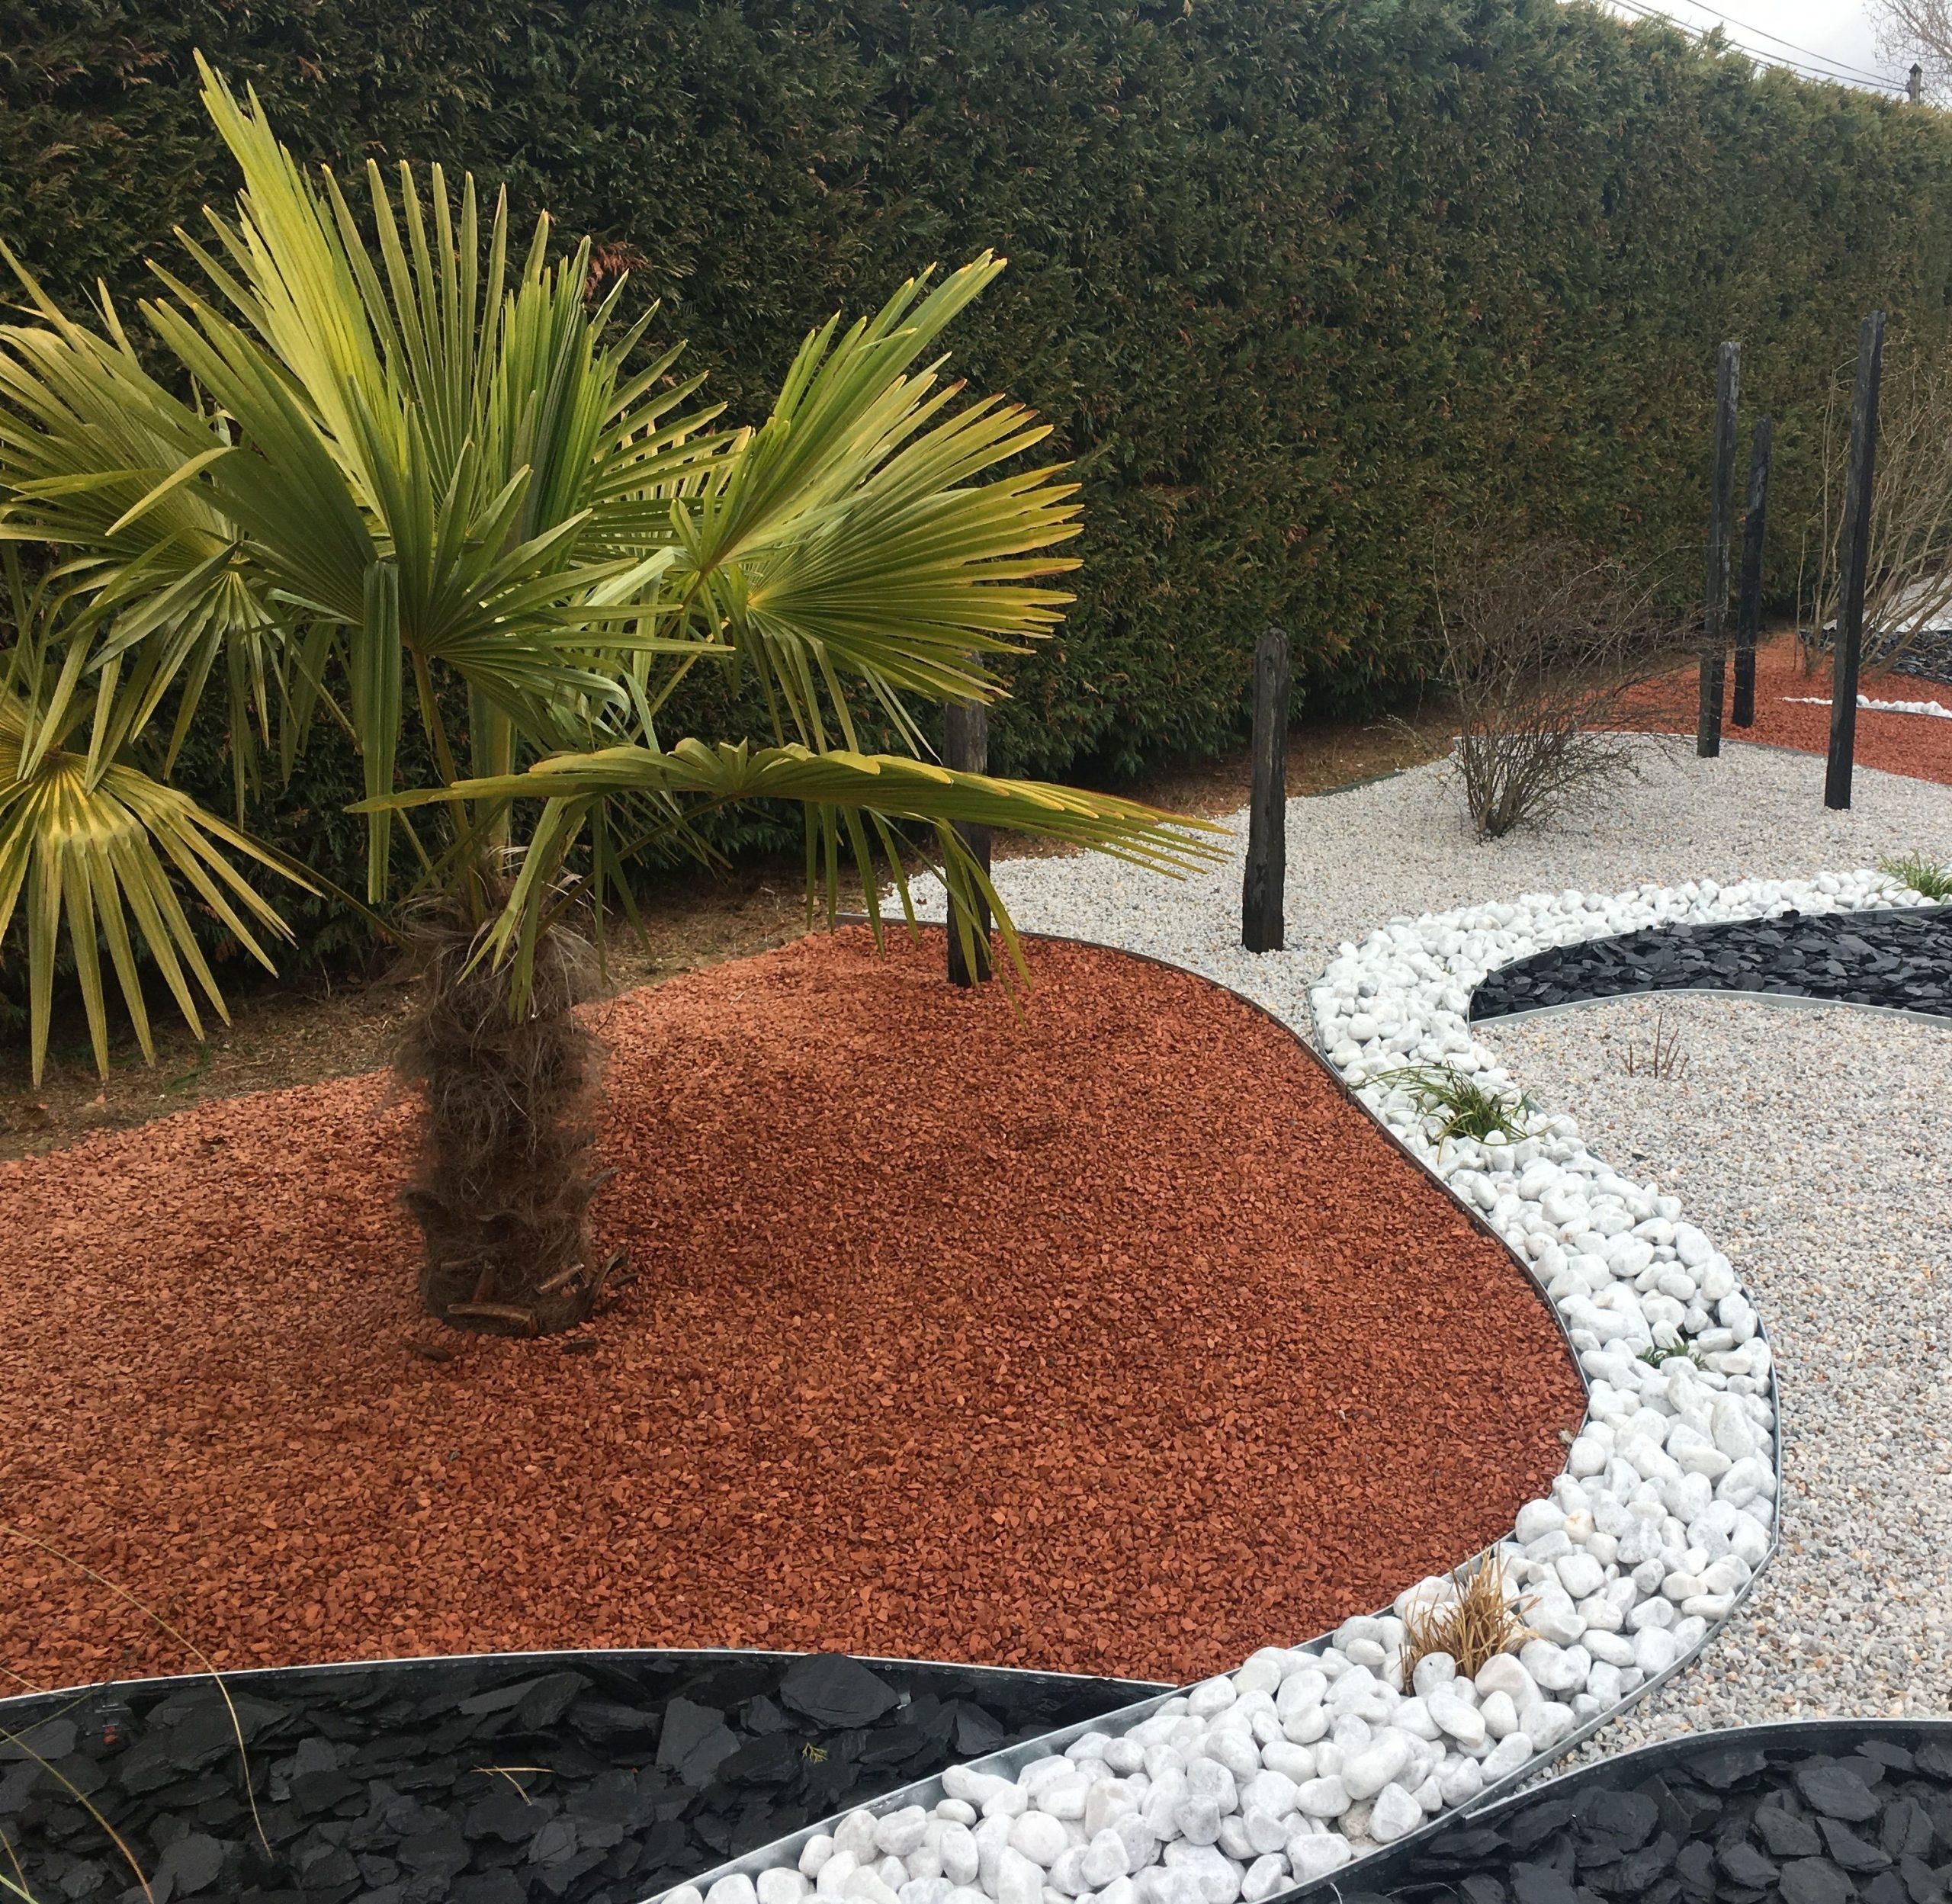 Aménagement Minéral: Schiste / Paillettes Ardoise / Galets ... concernant Jardin Avec Galets Blancs